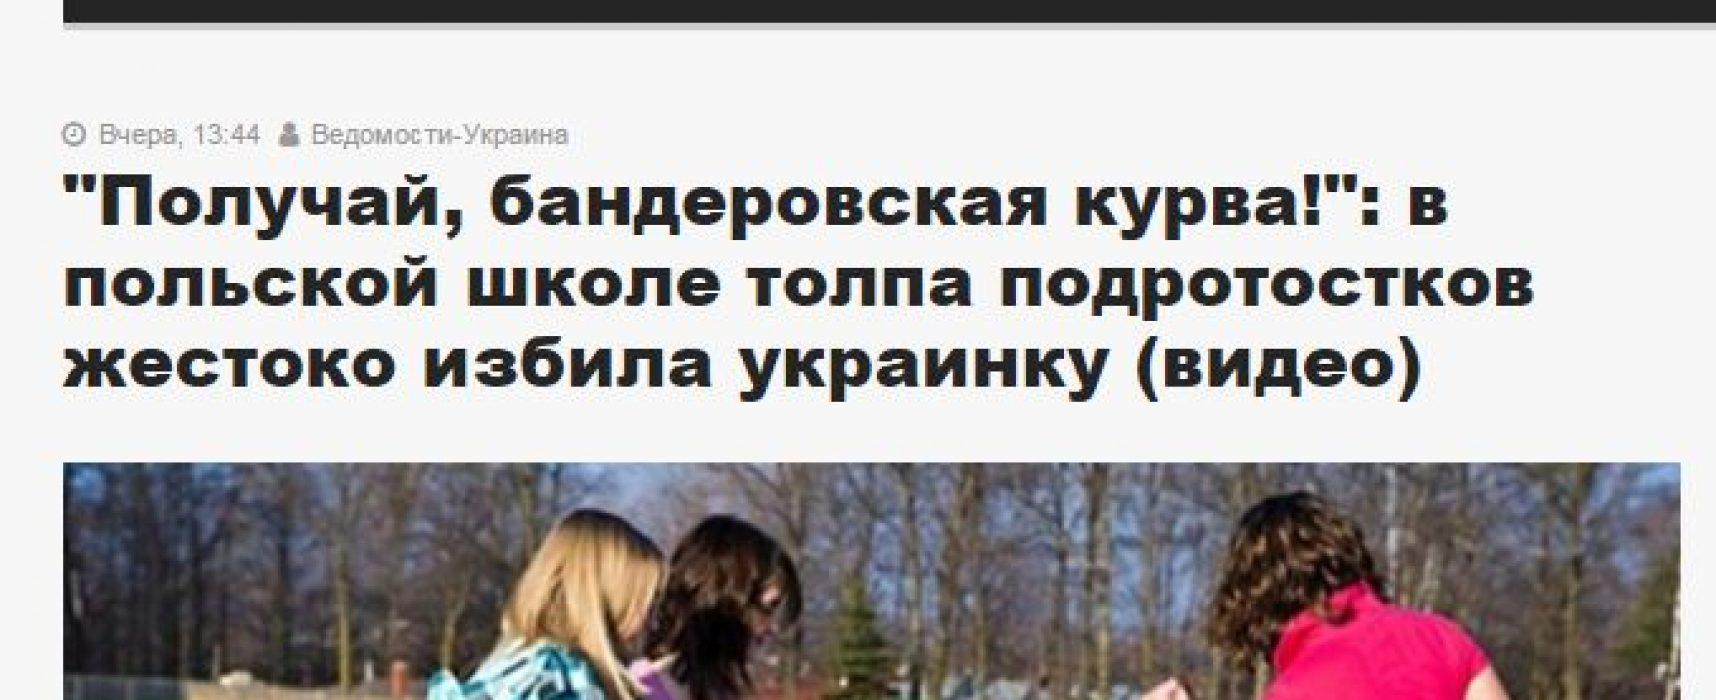 Фейк: Польские школьницы избили украинку